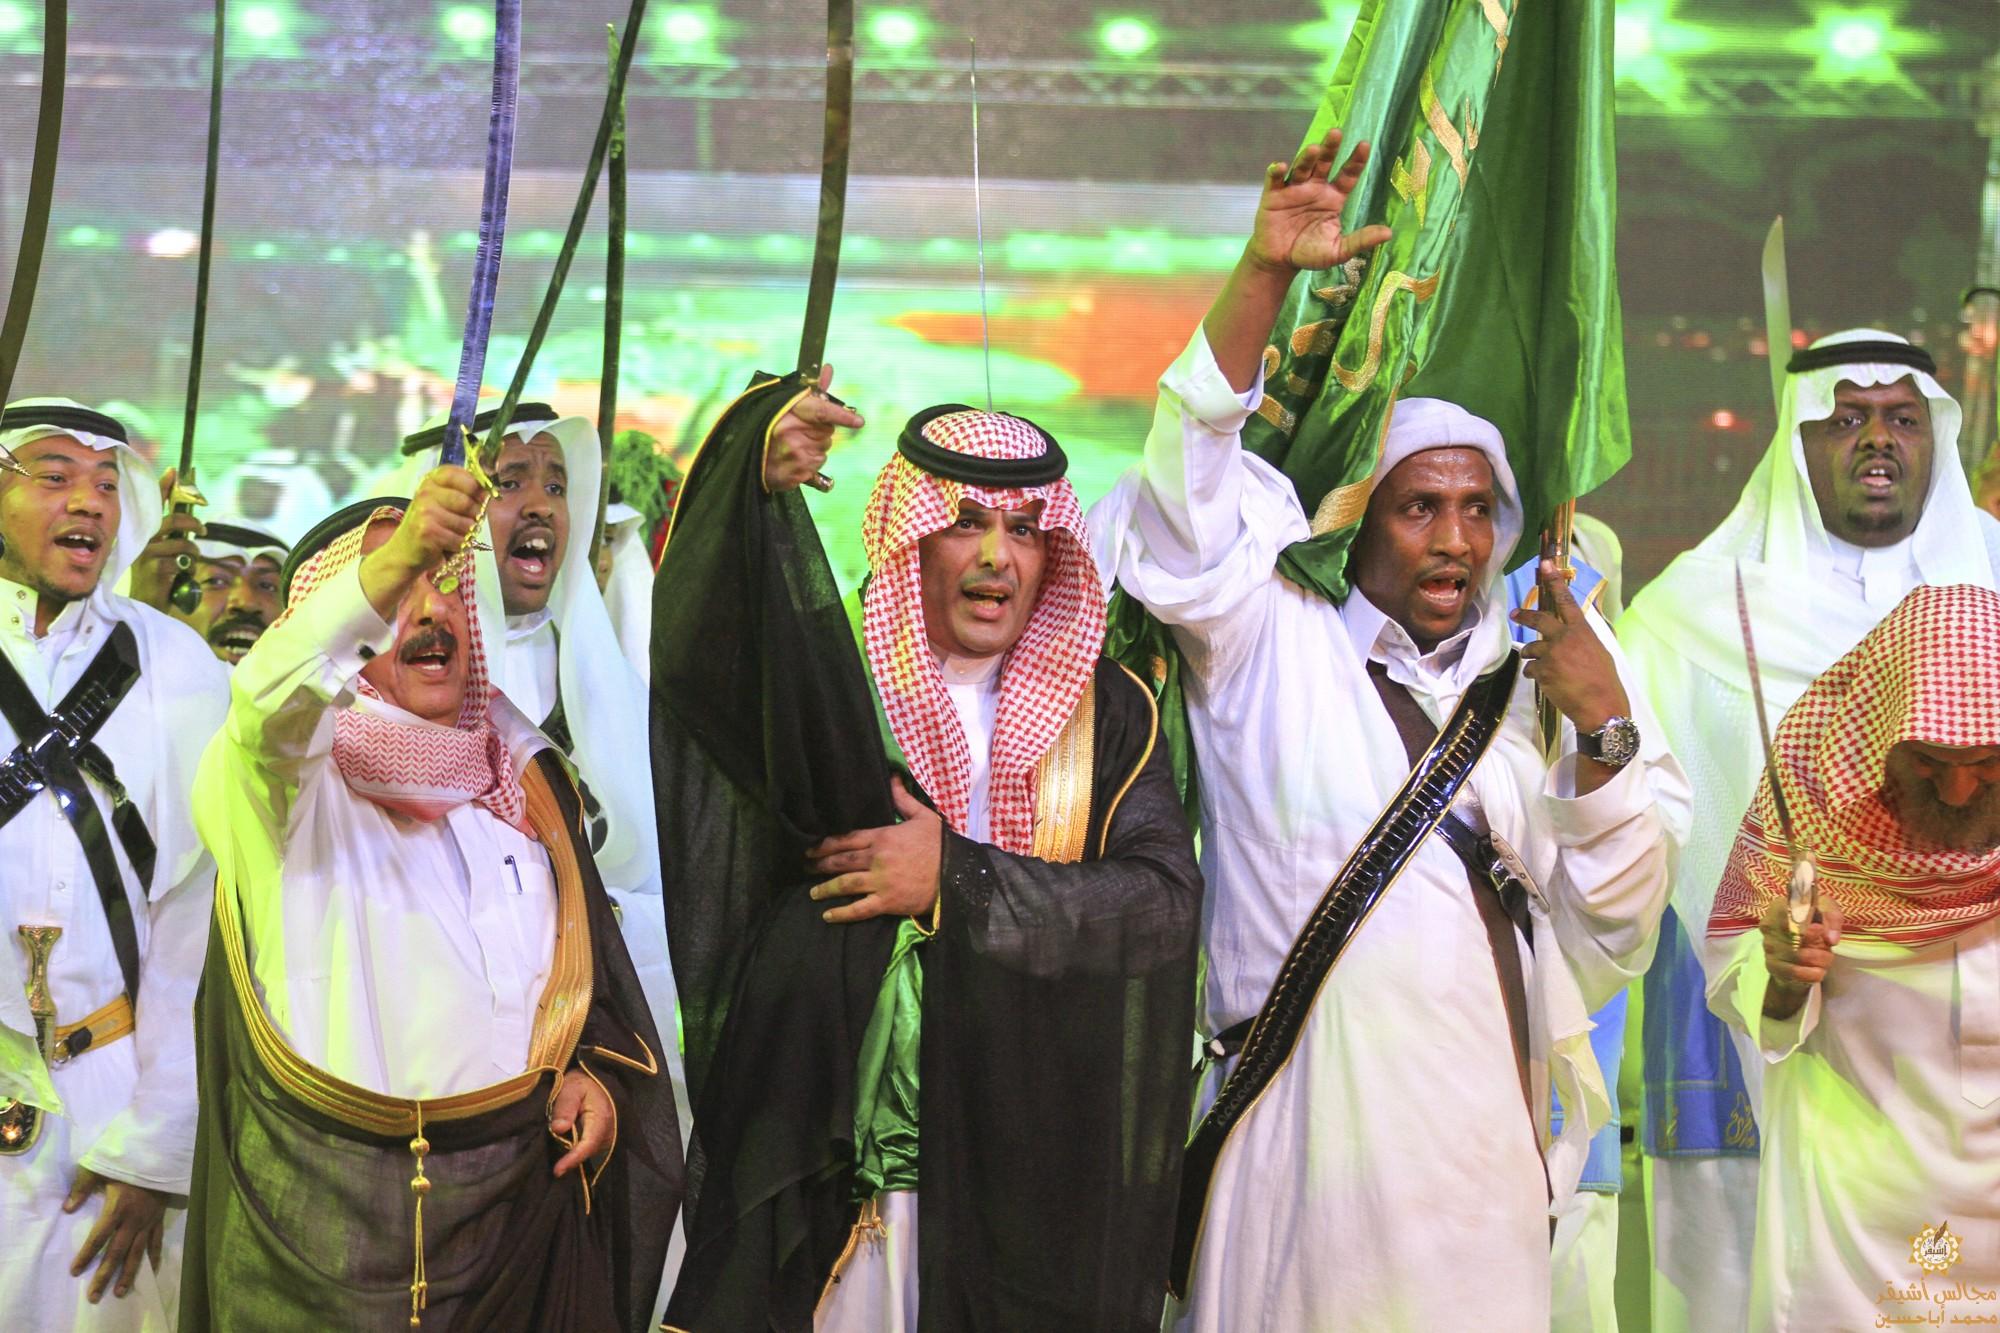 صورة أشيقر تحتفل بعيد الفطر المبارك في صالة أشيقر الكبرى